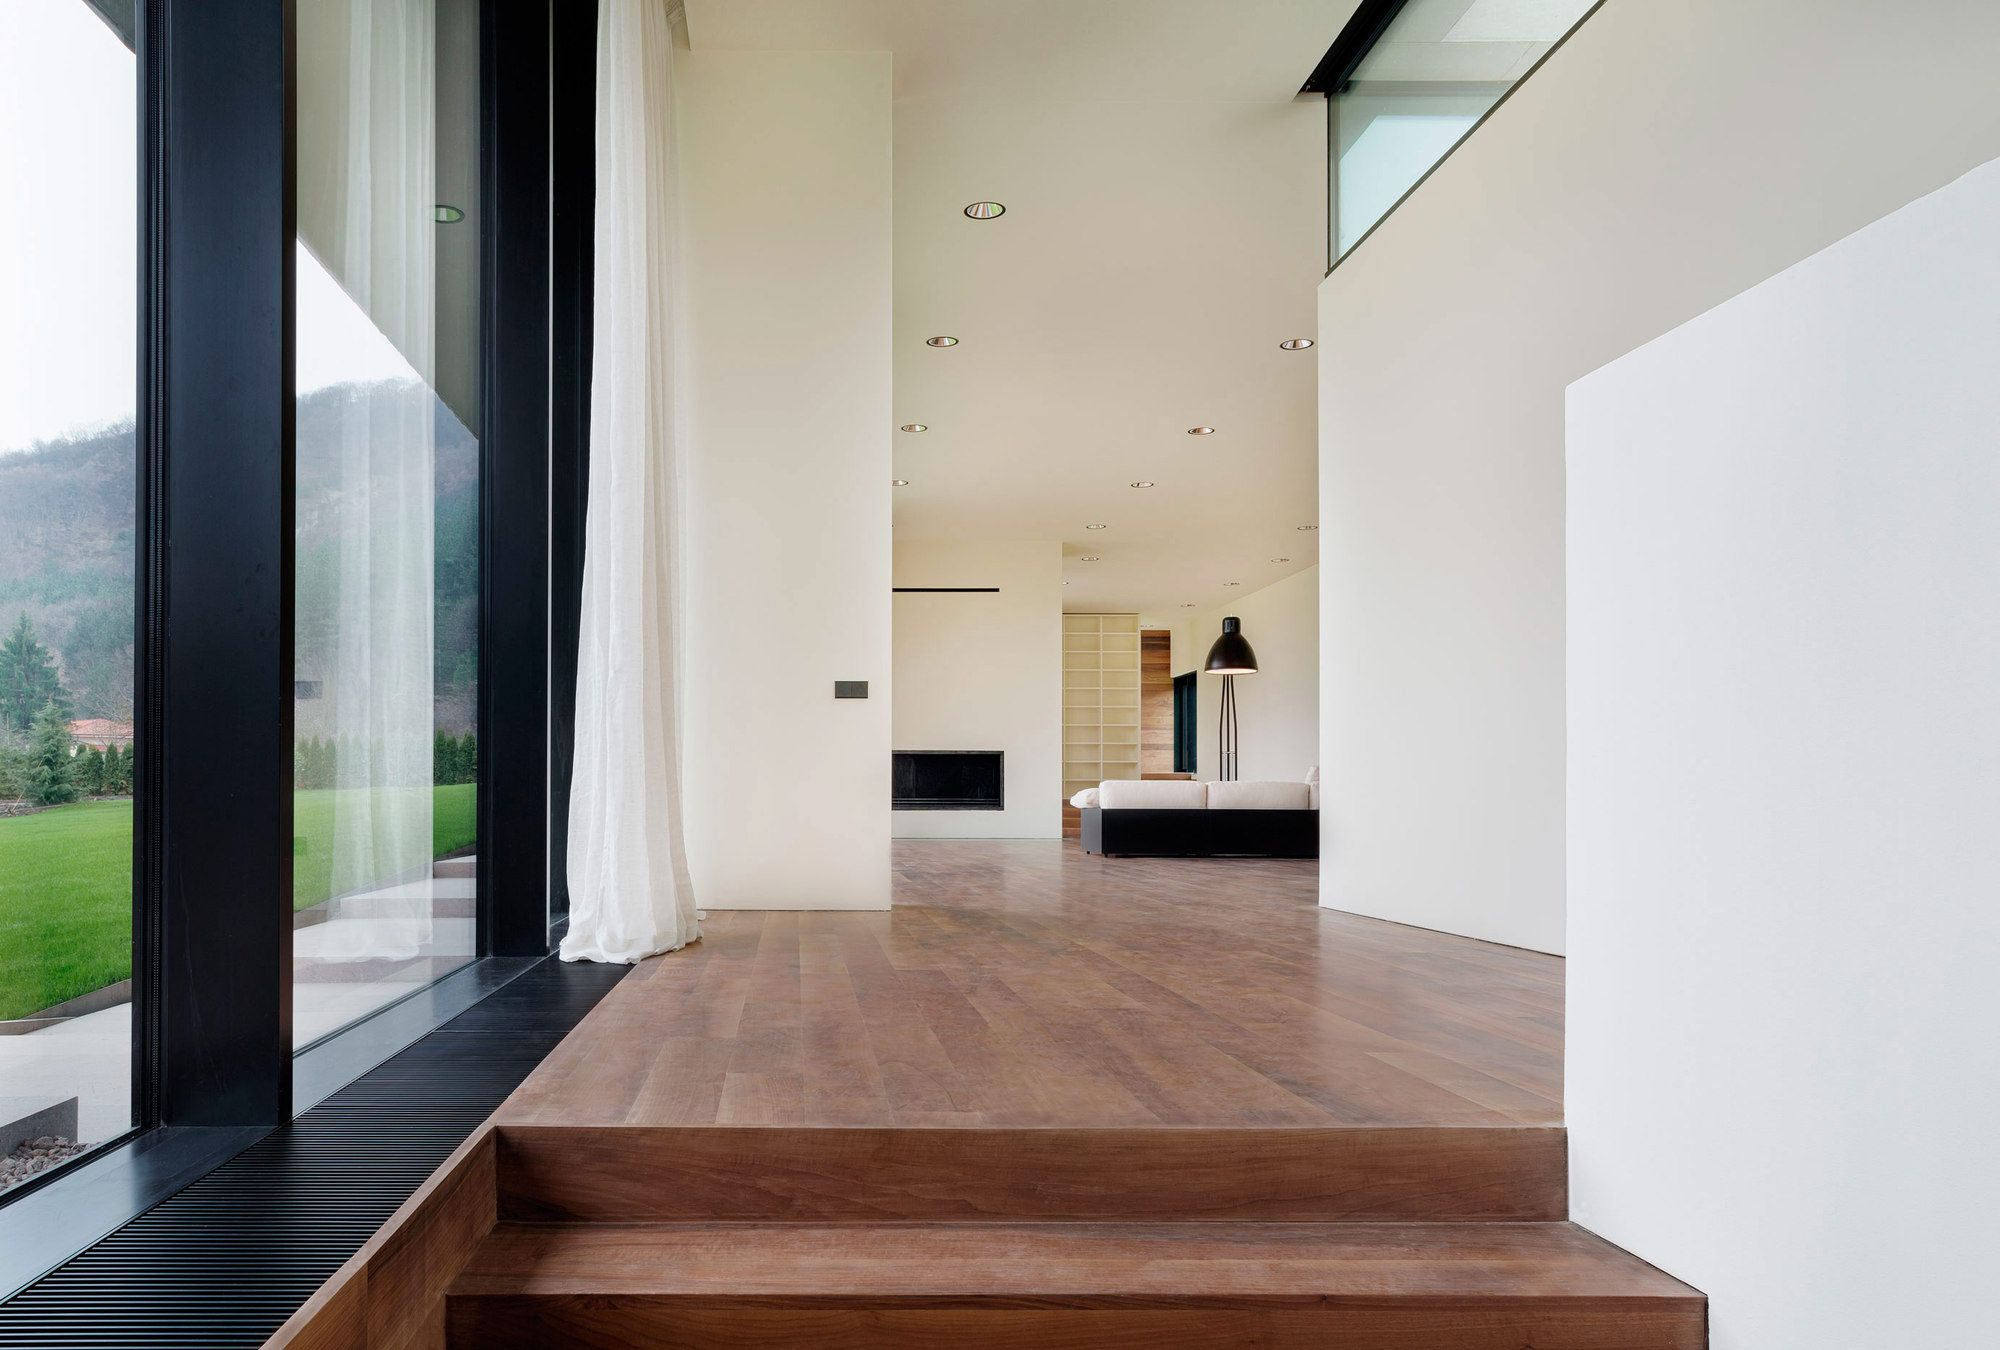 Galería - Casa larga en pendiente ligera / I/O Architects - 3